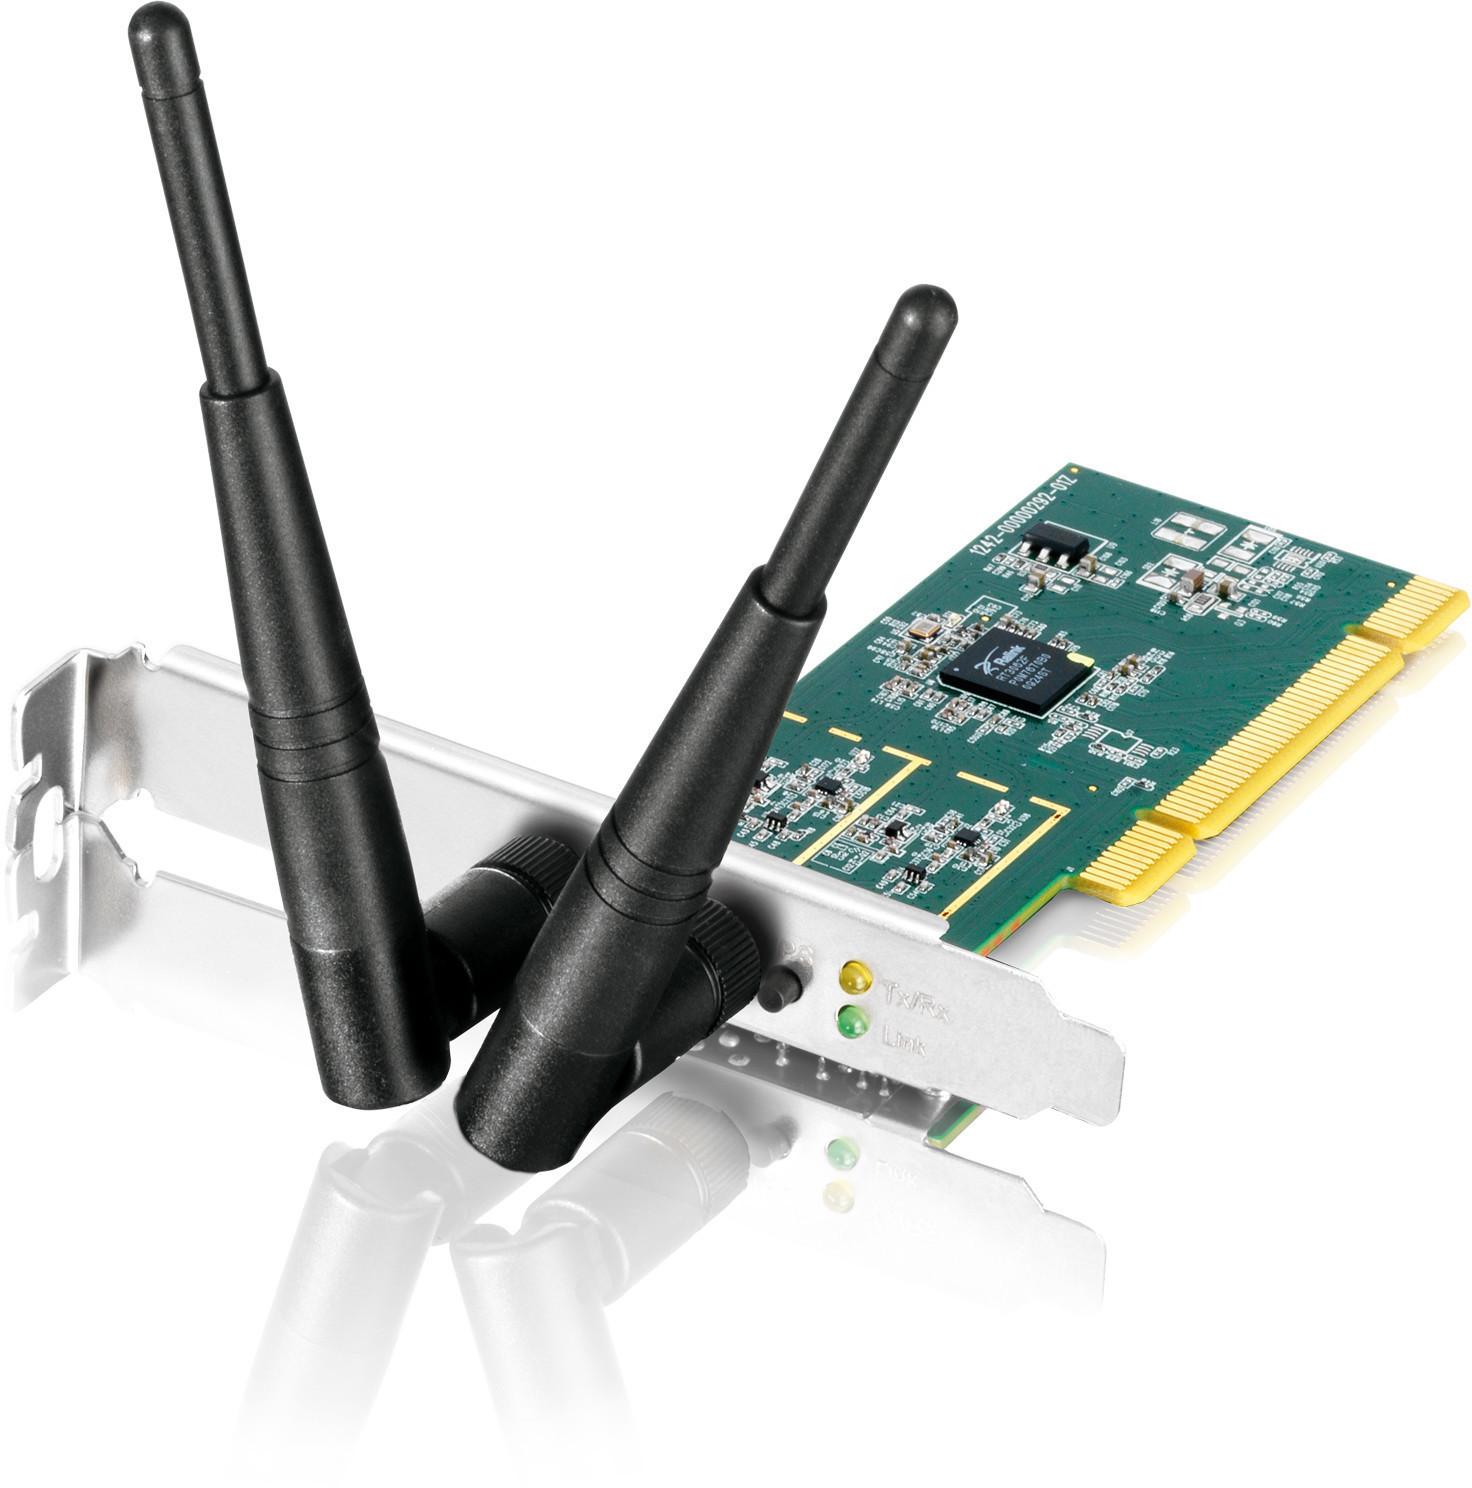 Sitecom Wi-Fi PCI Card N300 (WLA-2101)